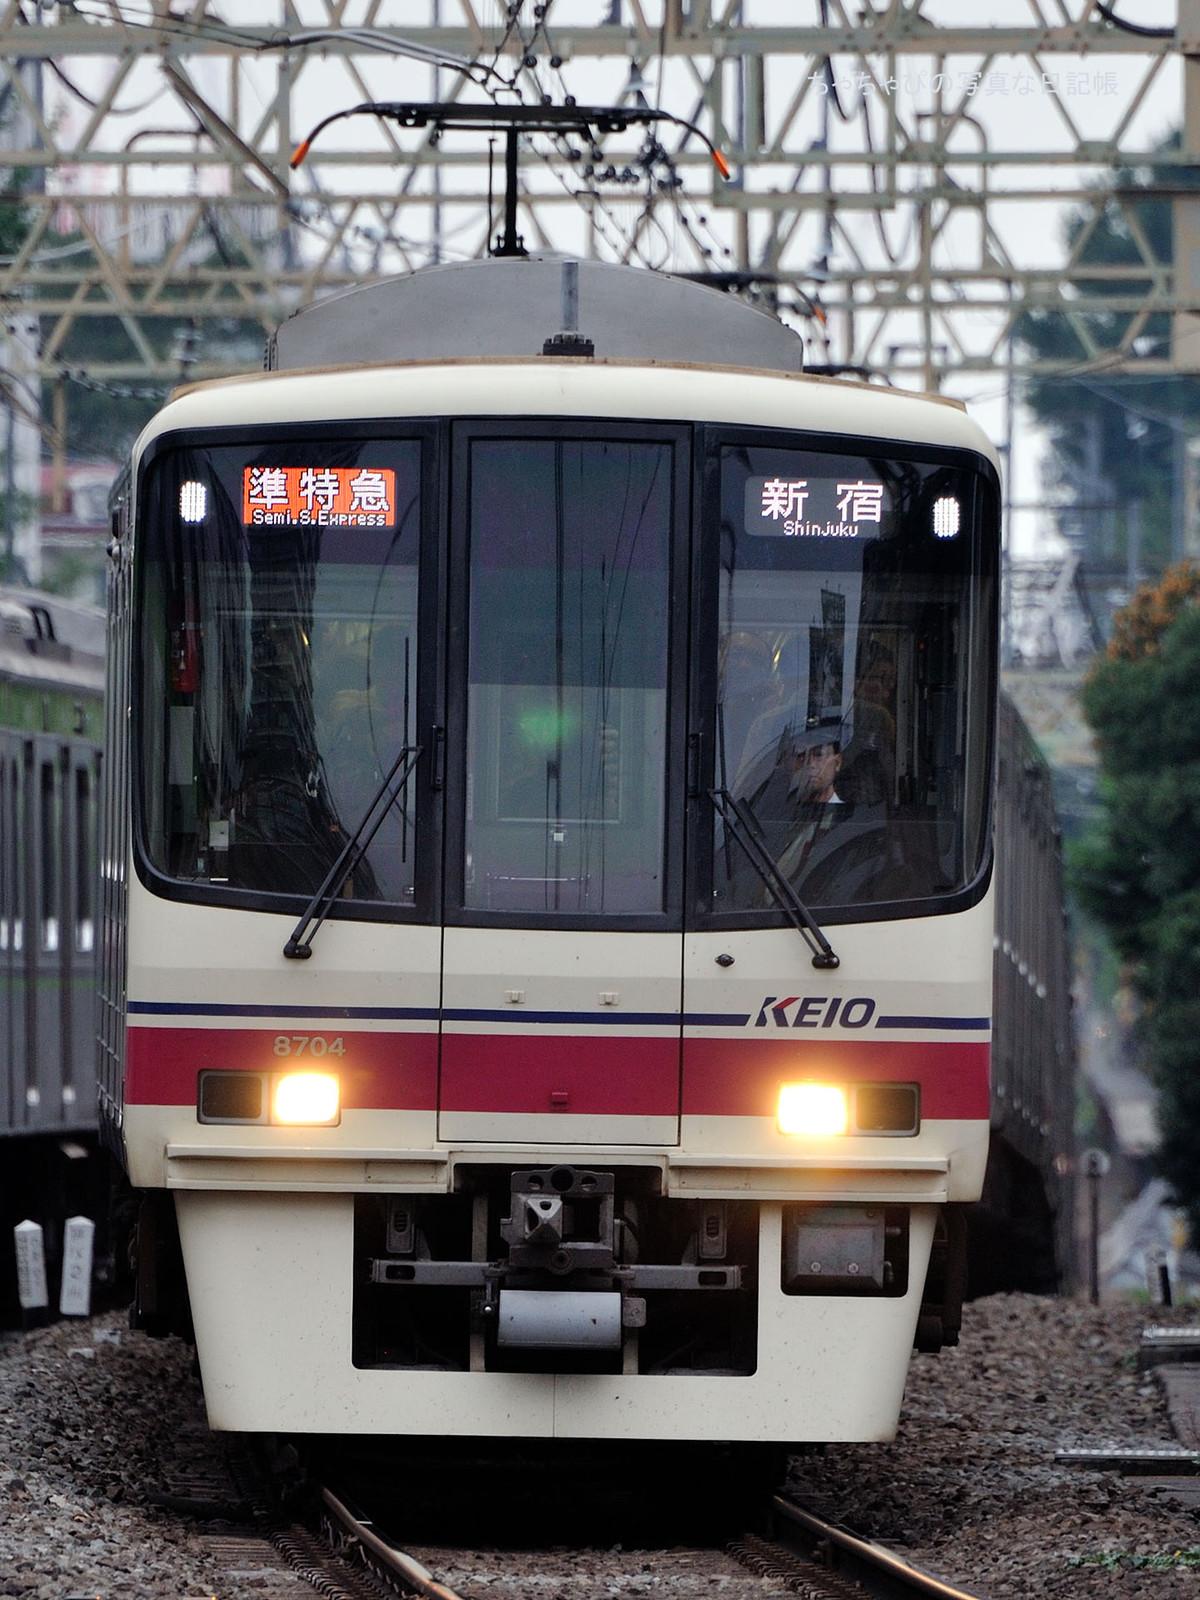 8000系 -8704編成-